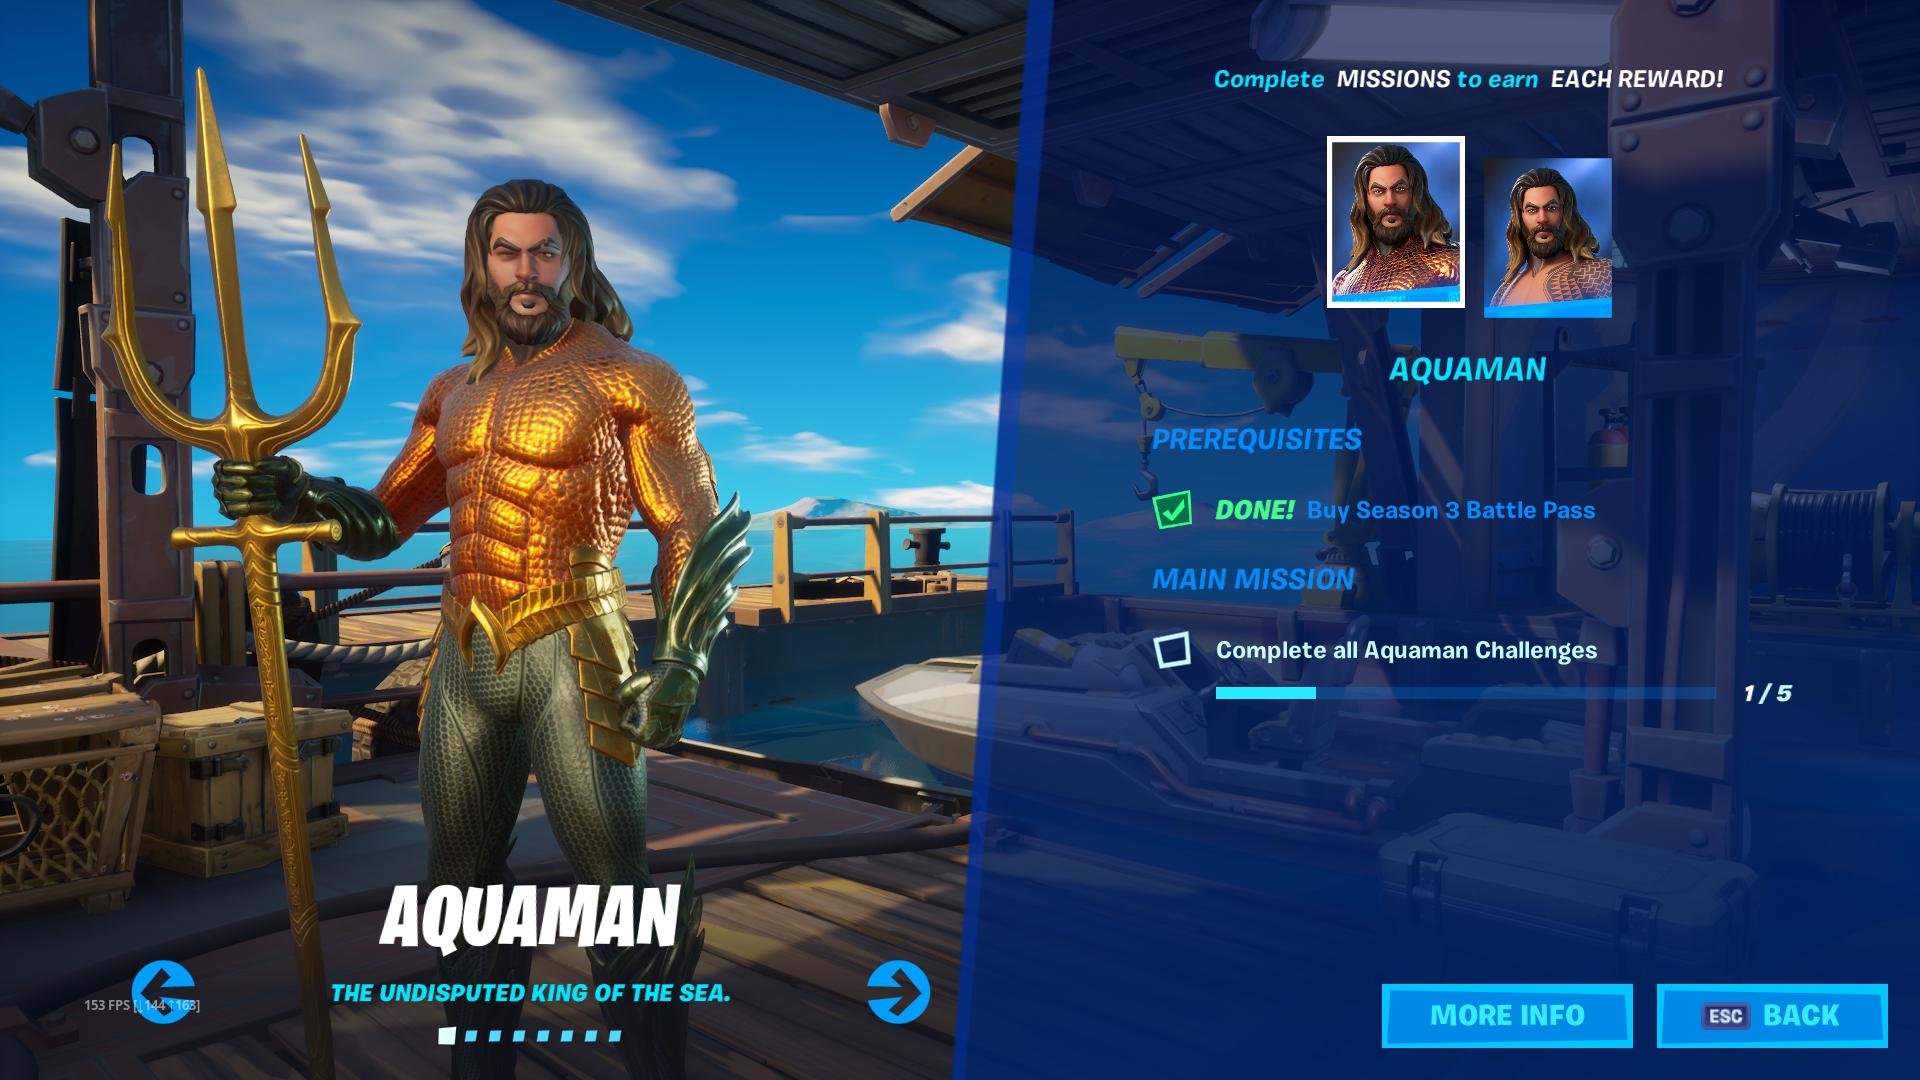 Aquaman skin in Fortnite